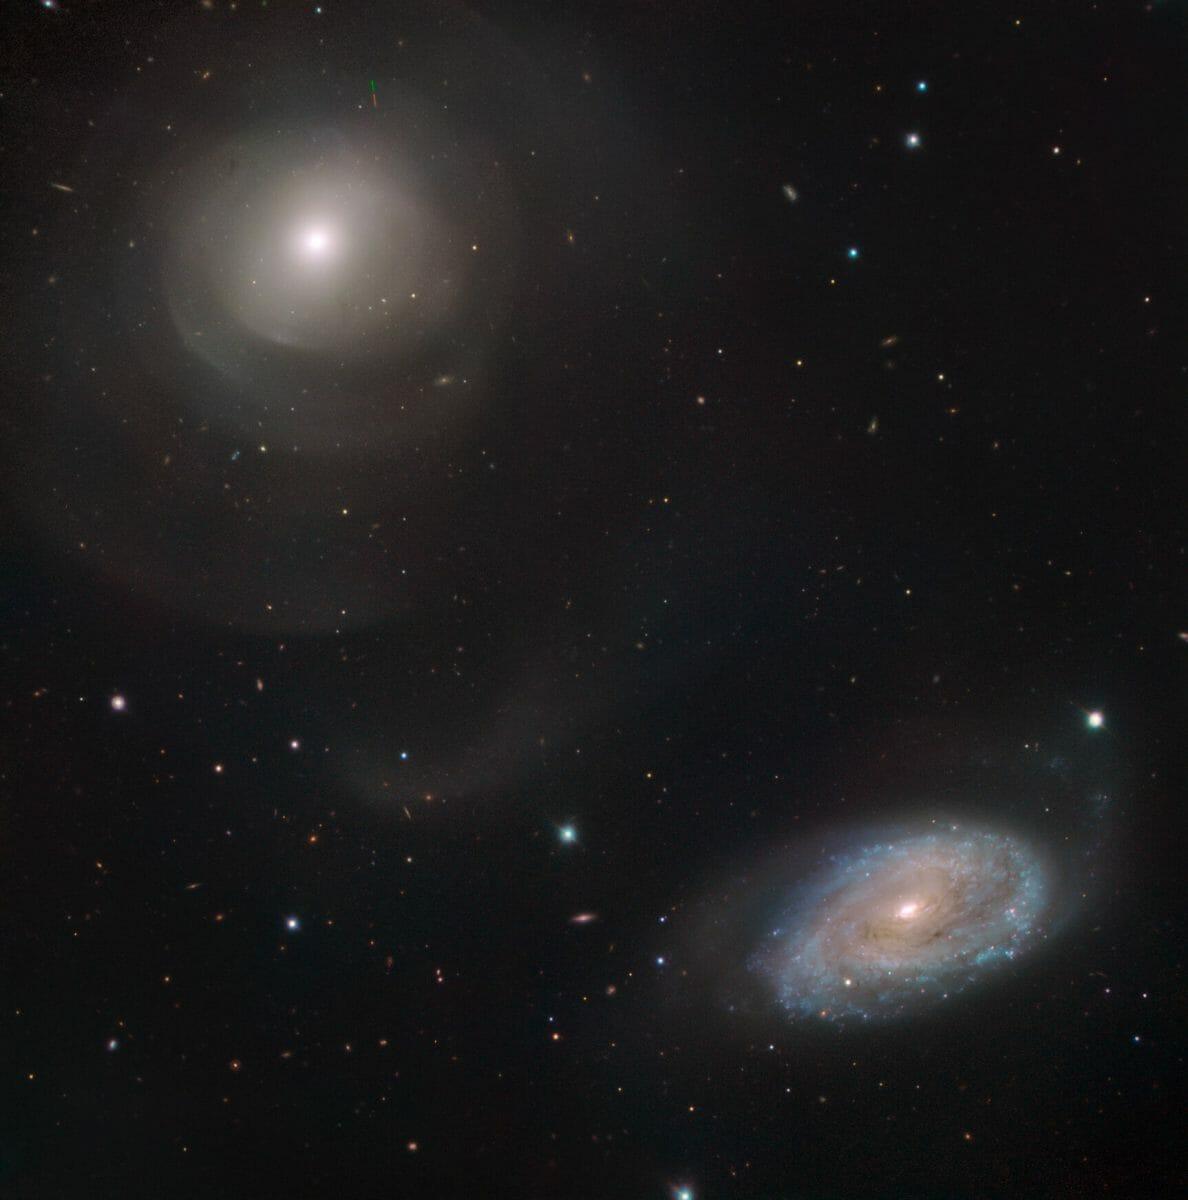 楕円銀河「NGC 474」(左上)と渦巻銀河「NGC 470」(右下)(Credit: ESO)